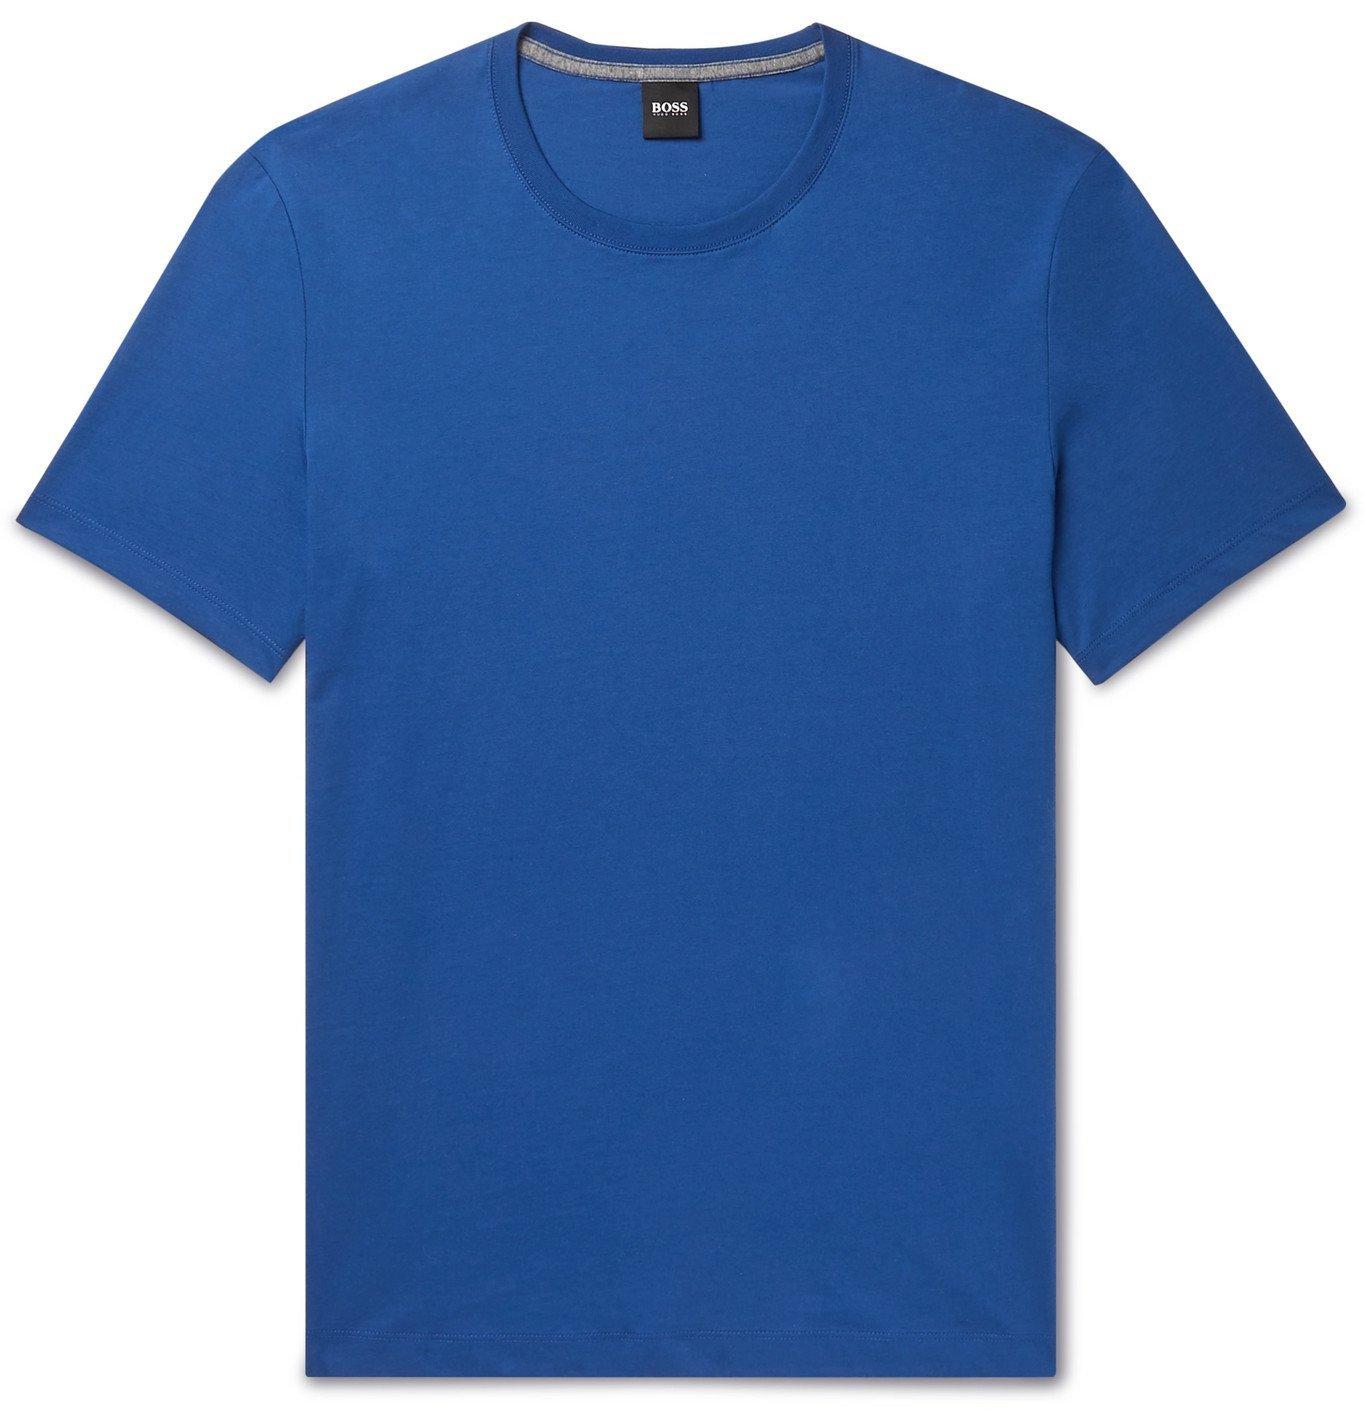 HUGO BOSS - Cotton-Jersey T-Shirt - Blue